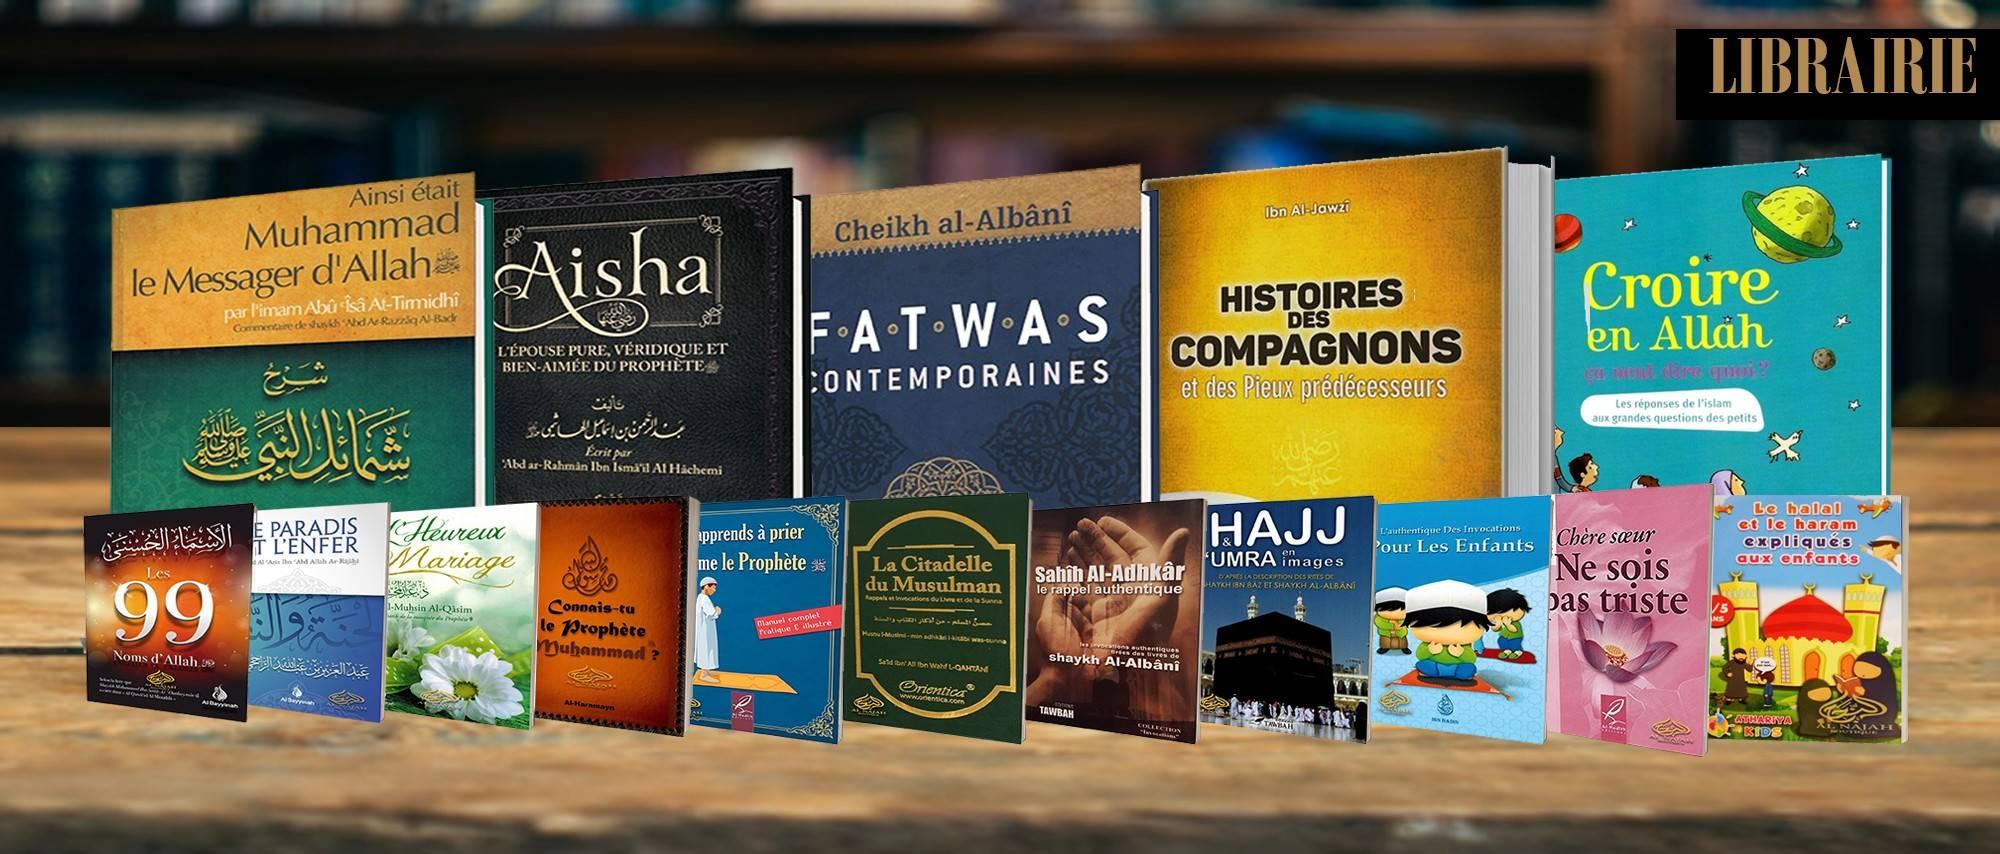 Livres fiqh, Coran, Femme en islam, Hadith, Prophètes